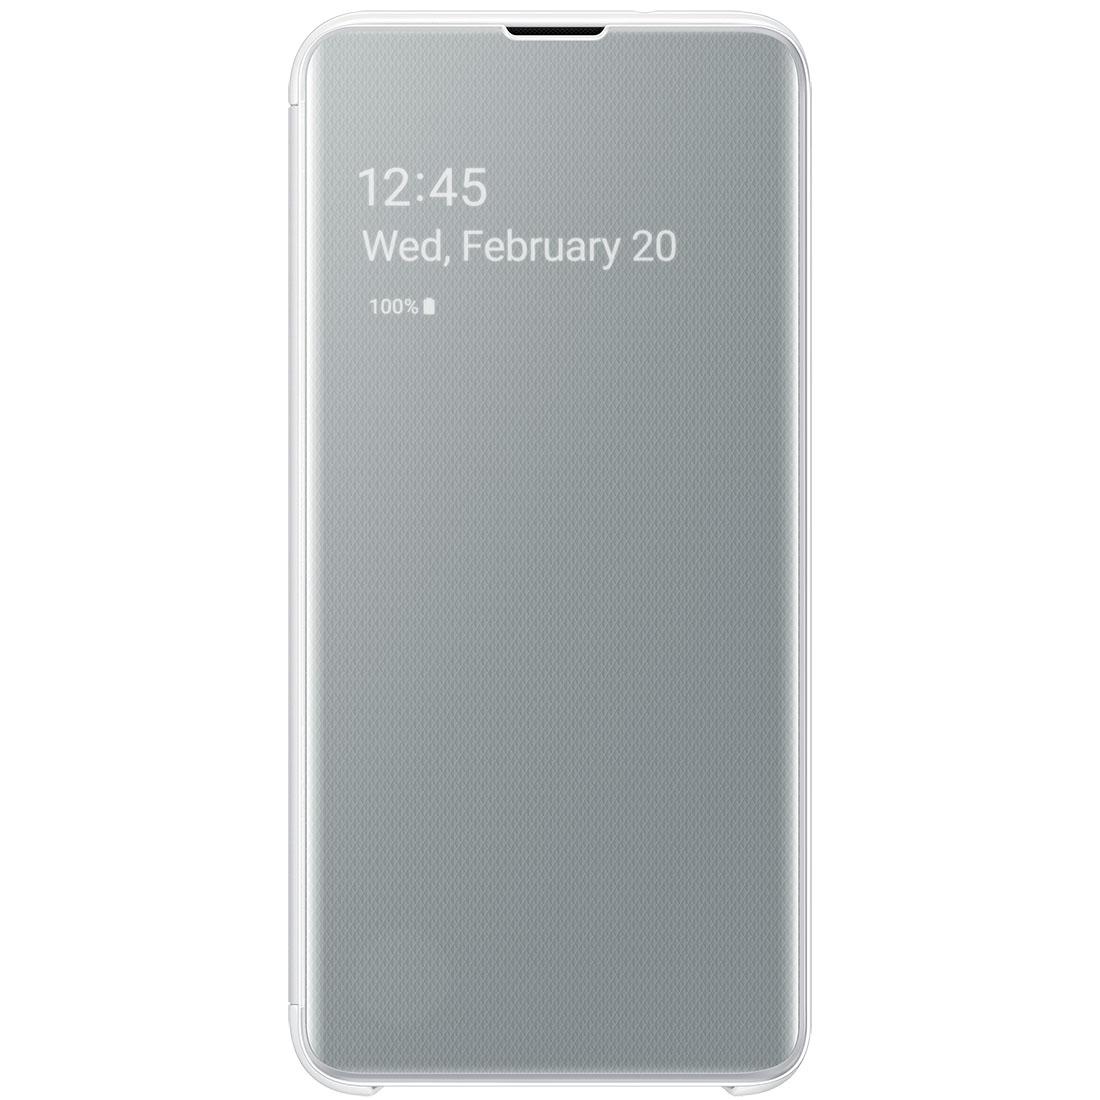 Capa Original Samsung Clear View Galaxy S10e 5.8 Pol SM-G970  - HARS